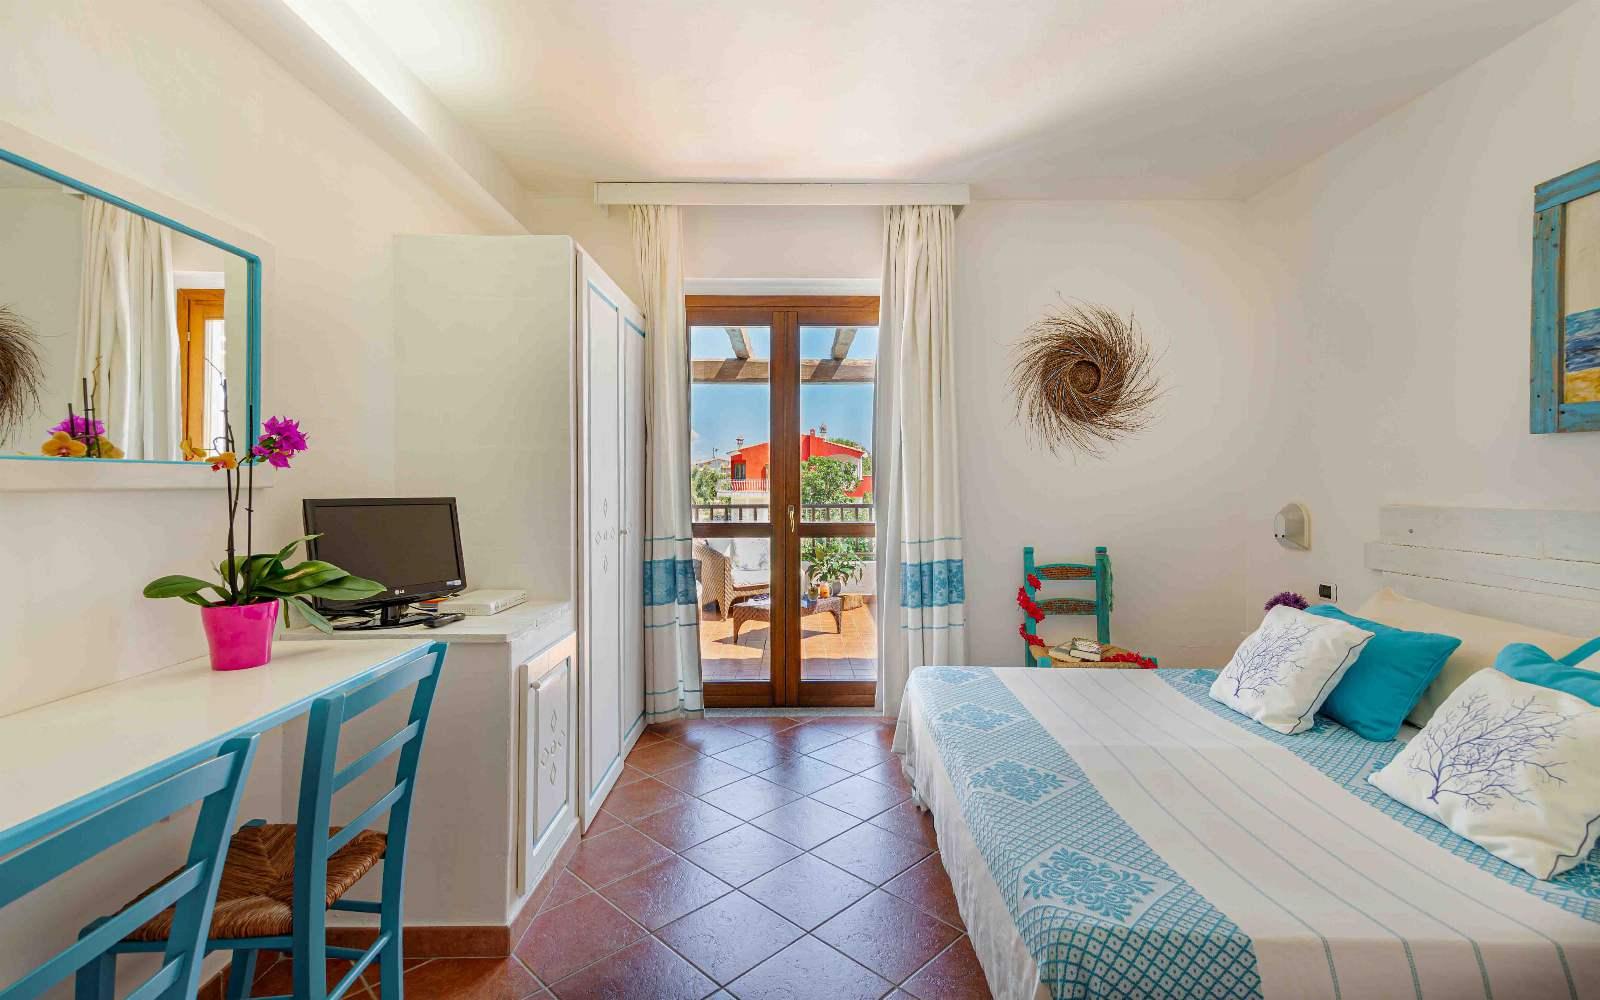 Hotel La funtana Pool Terrace Deluxe Room